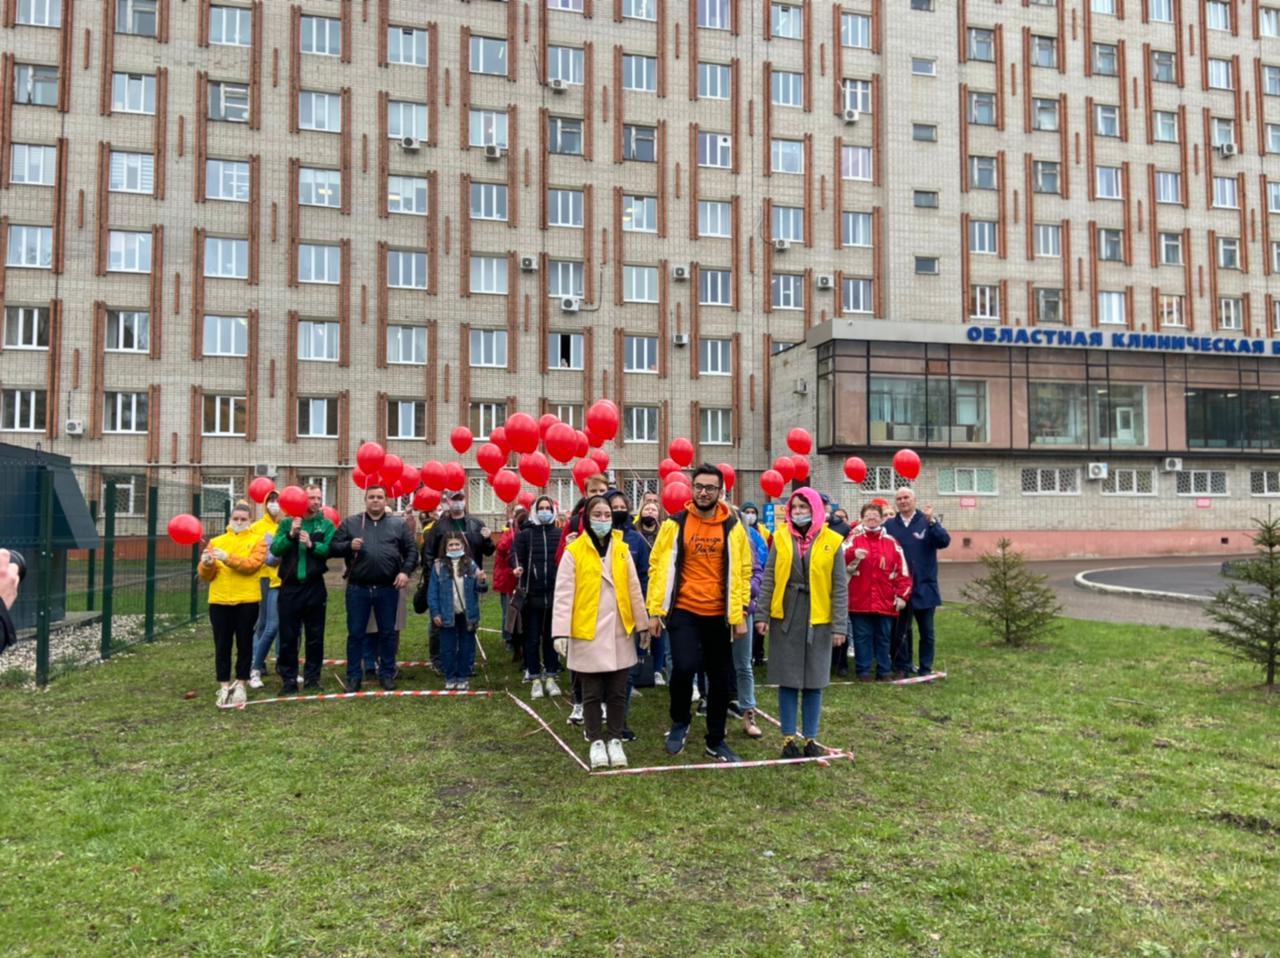 Волонтеры поздравили работников скорой медицинской помощи с профессиональным праздником